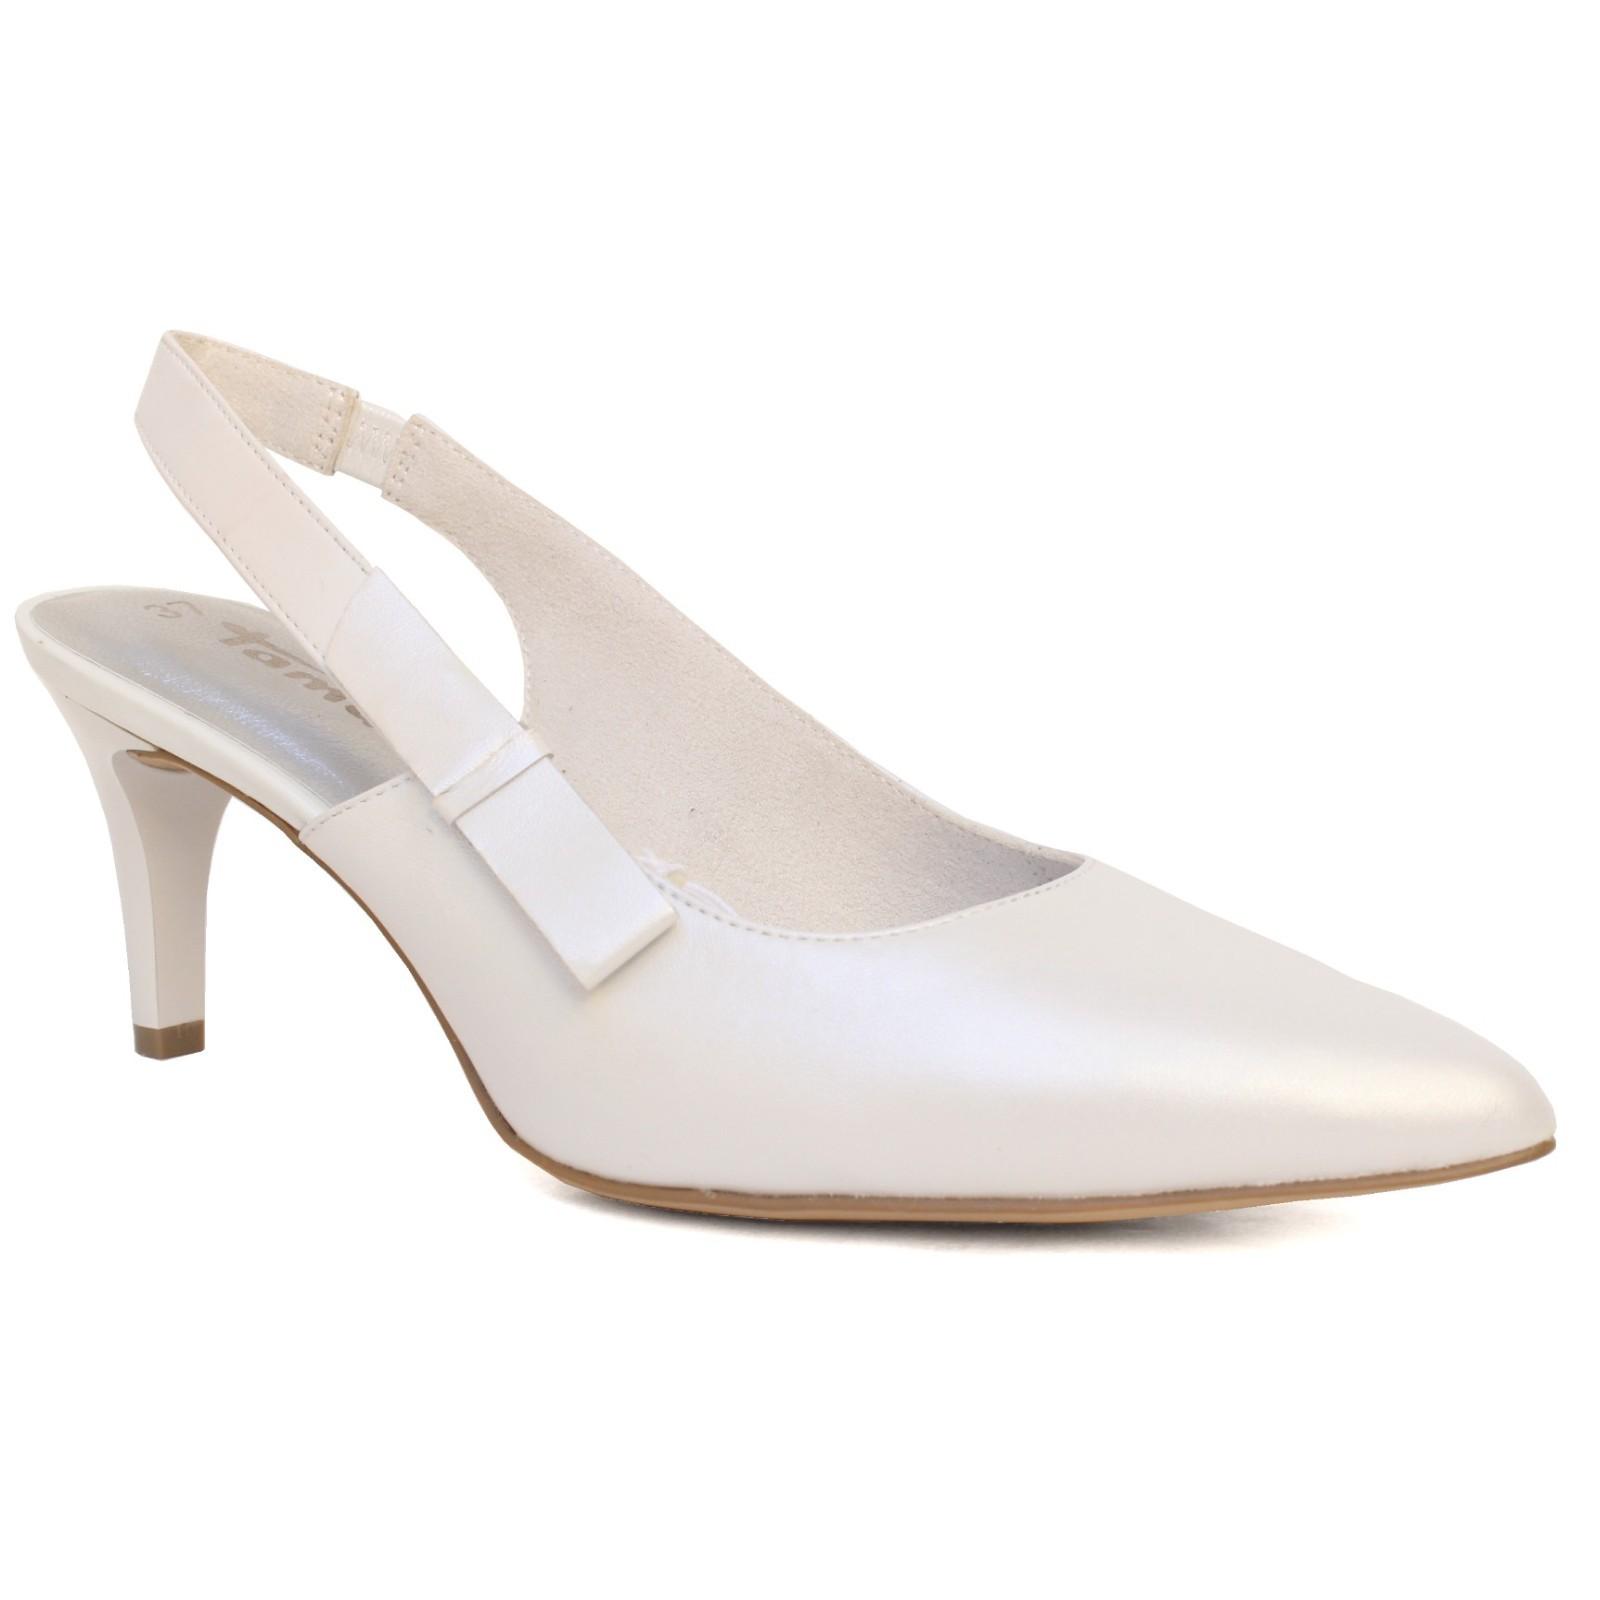 cf10536847 04362 Tamaris női szling 29608-20-100 - Női sling (hátul nyitott cipő)